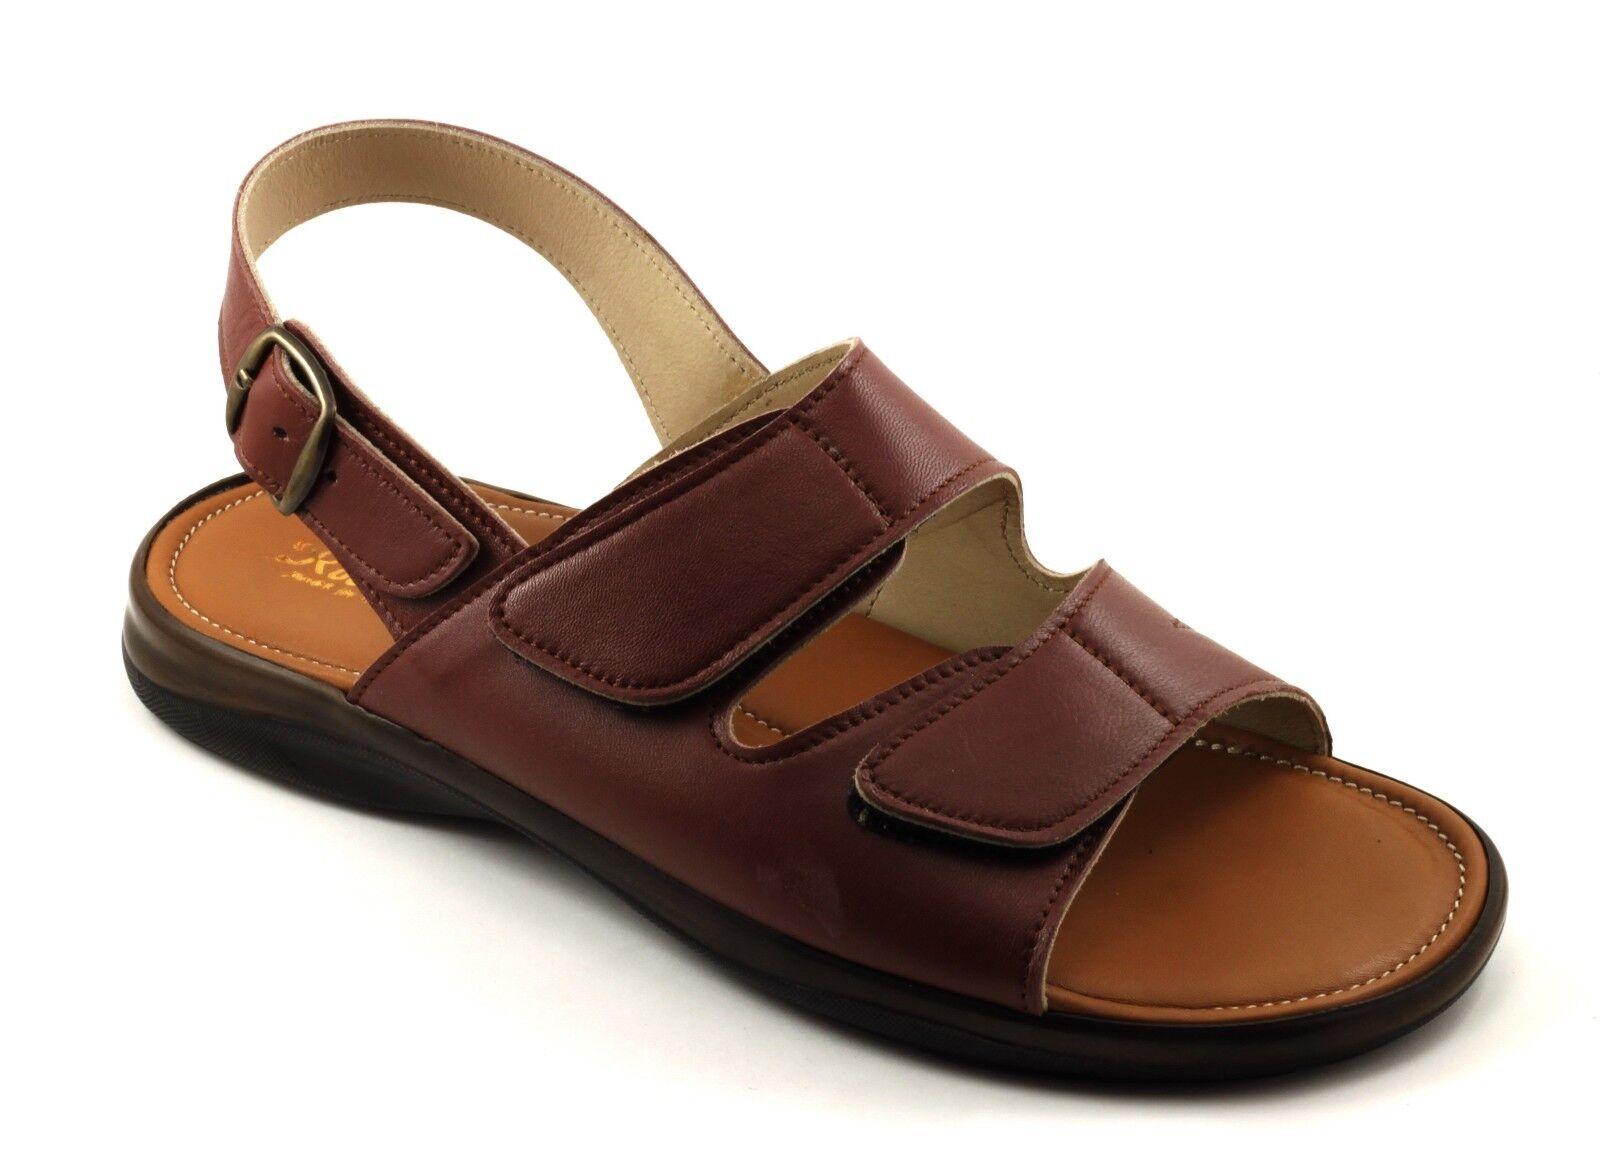 Herren Sandalen aus Leder braun doppelt reißen und weich plantar n. 42